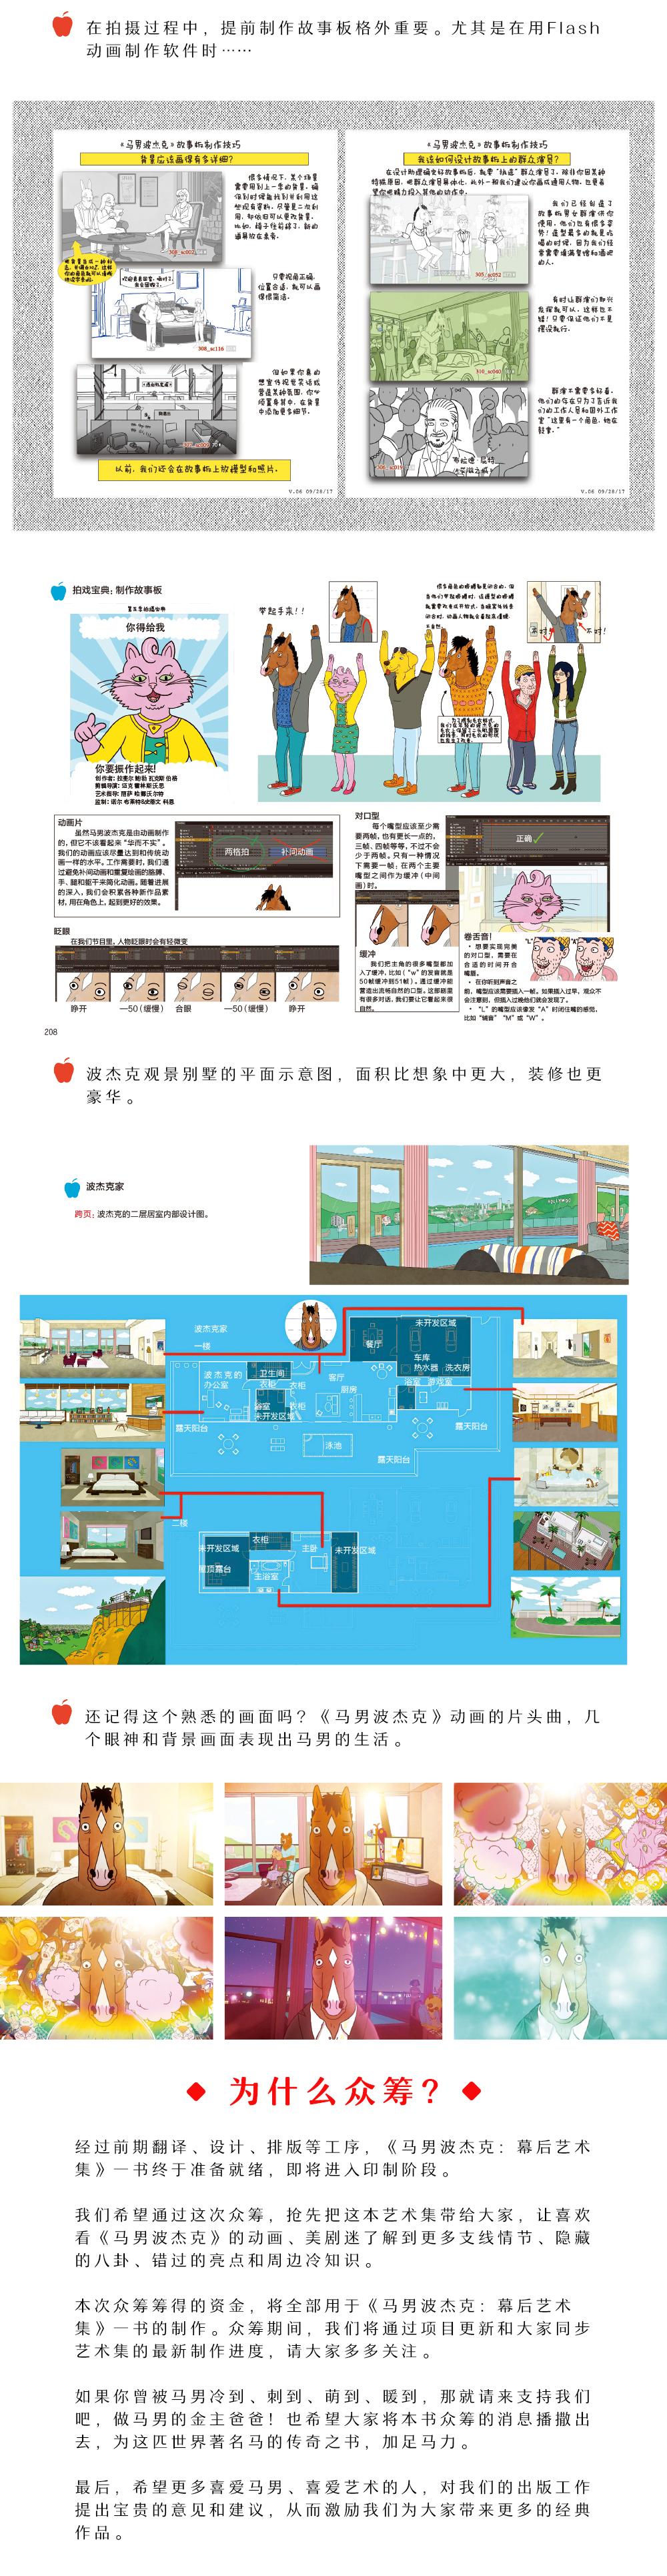 马男切图 (6).jpg